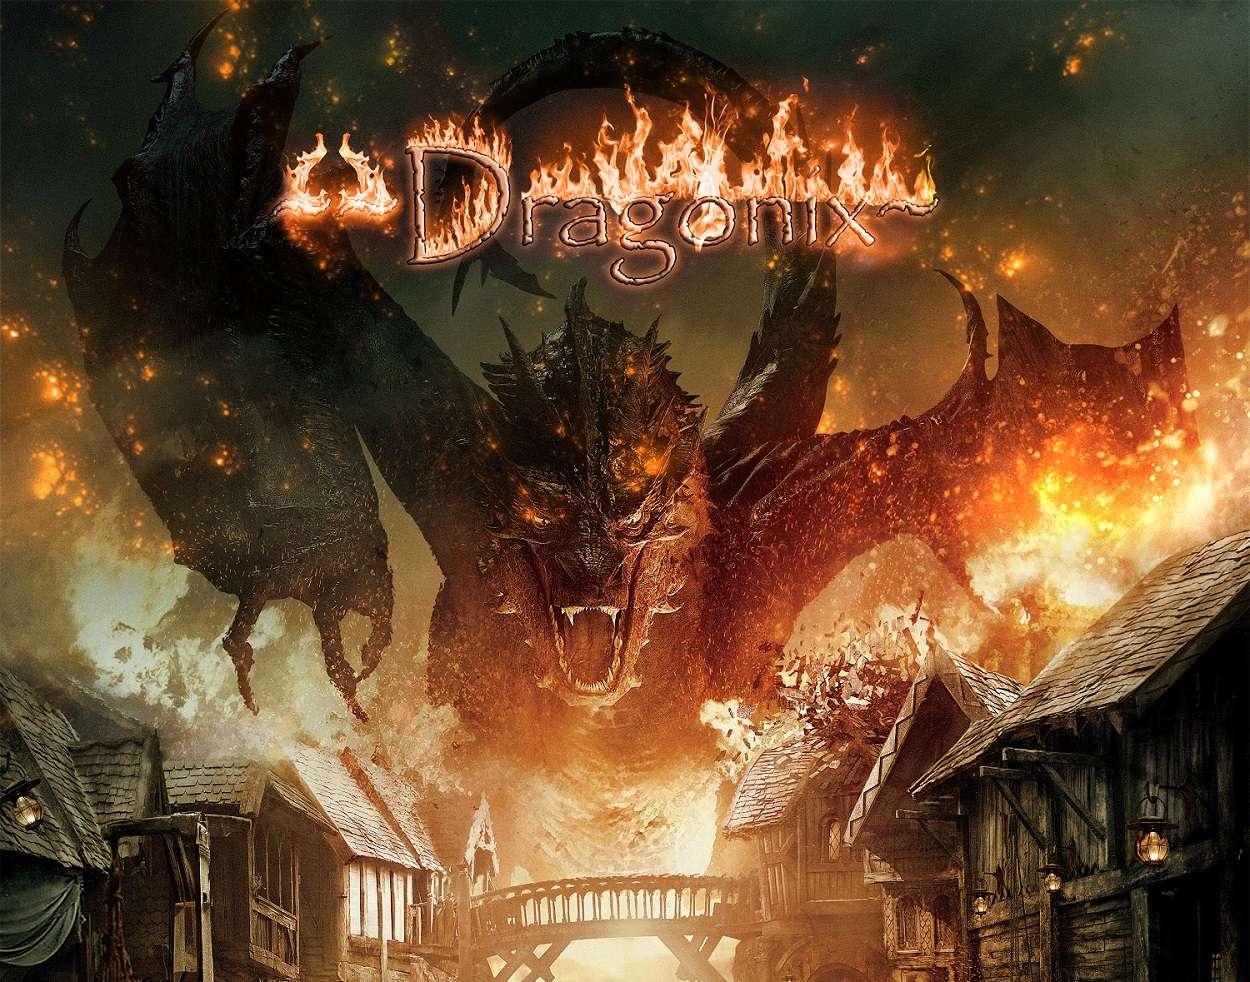 ~~Dragonix~